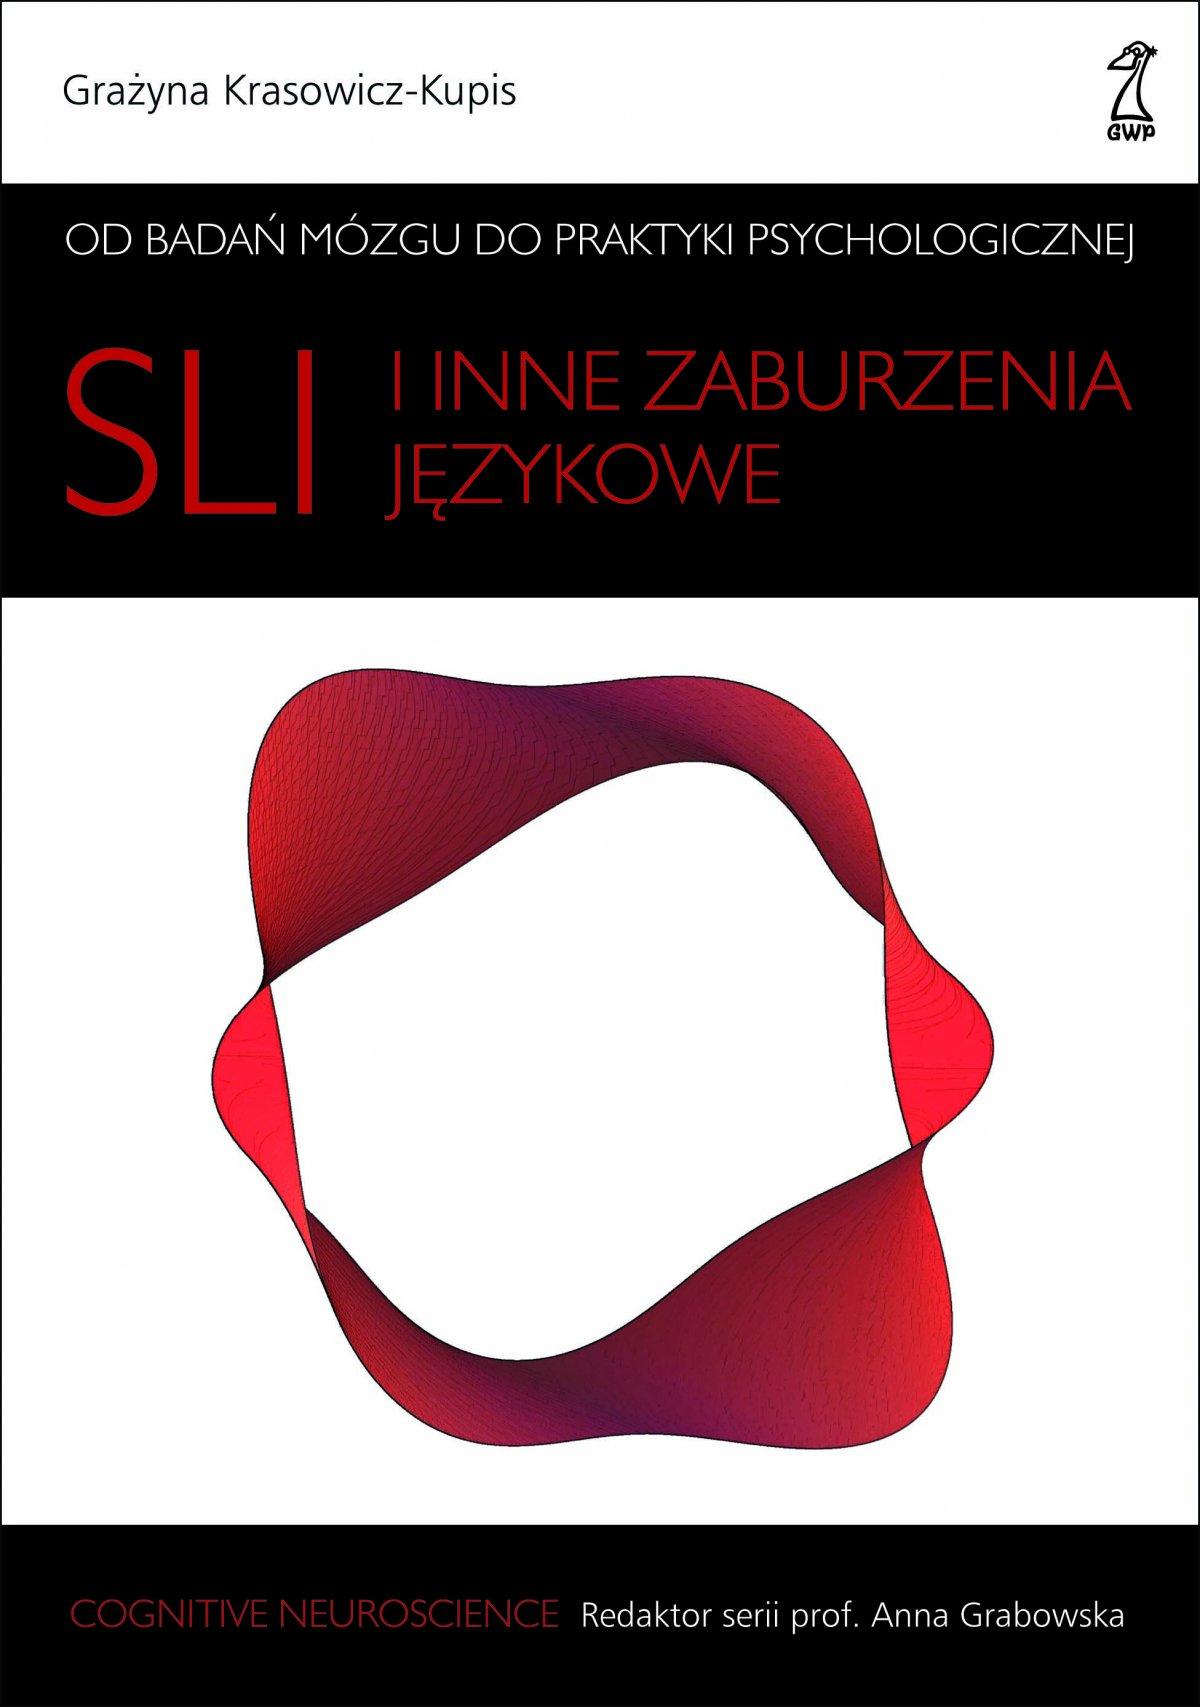 SLI i inne zaburzenia językowe - Ebook (Książka na Kindle) do pobrania w formacie MOBI